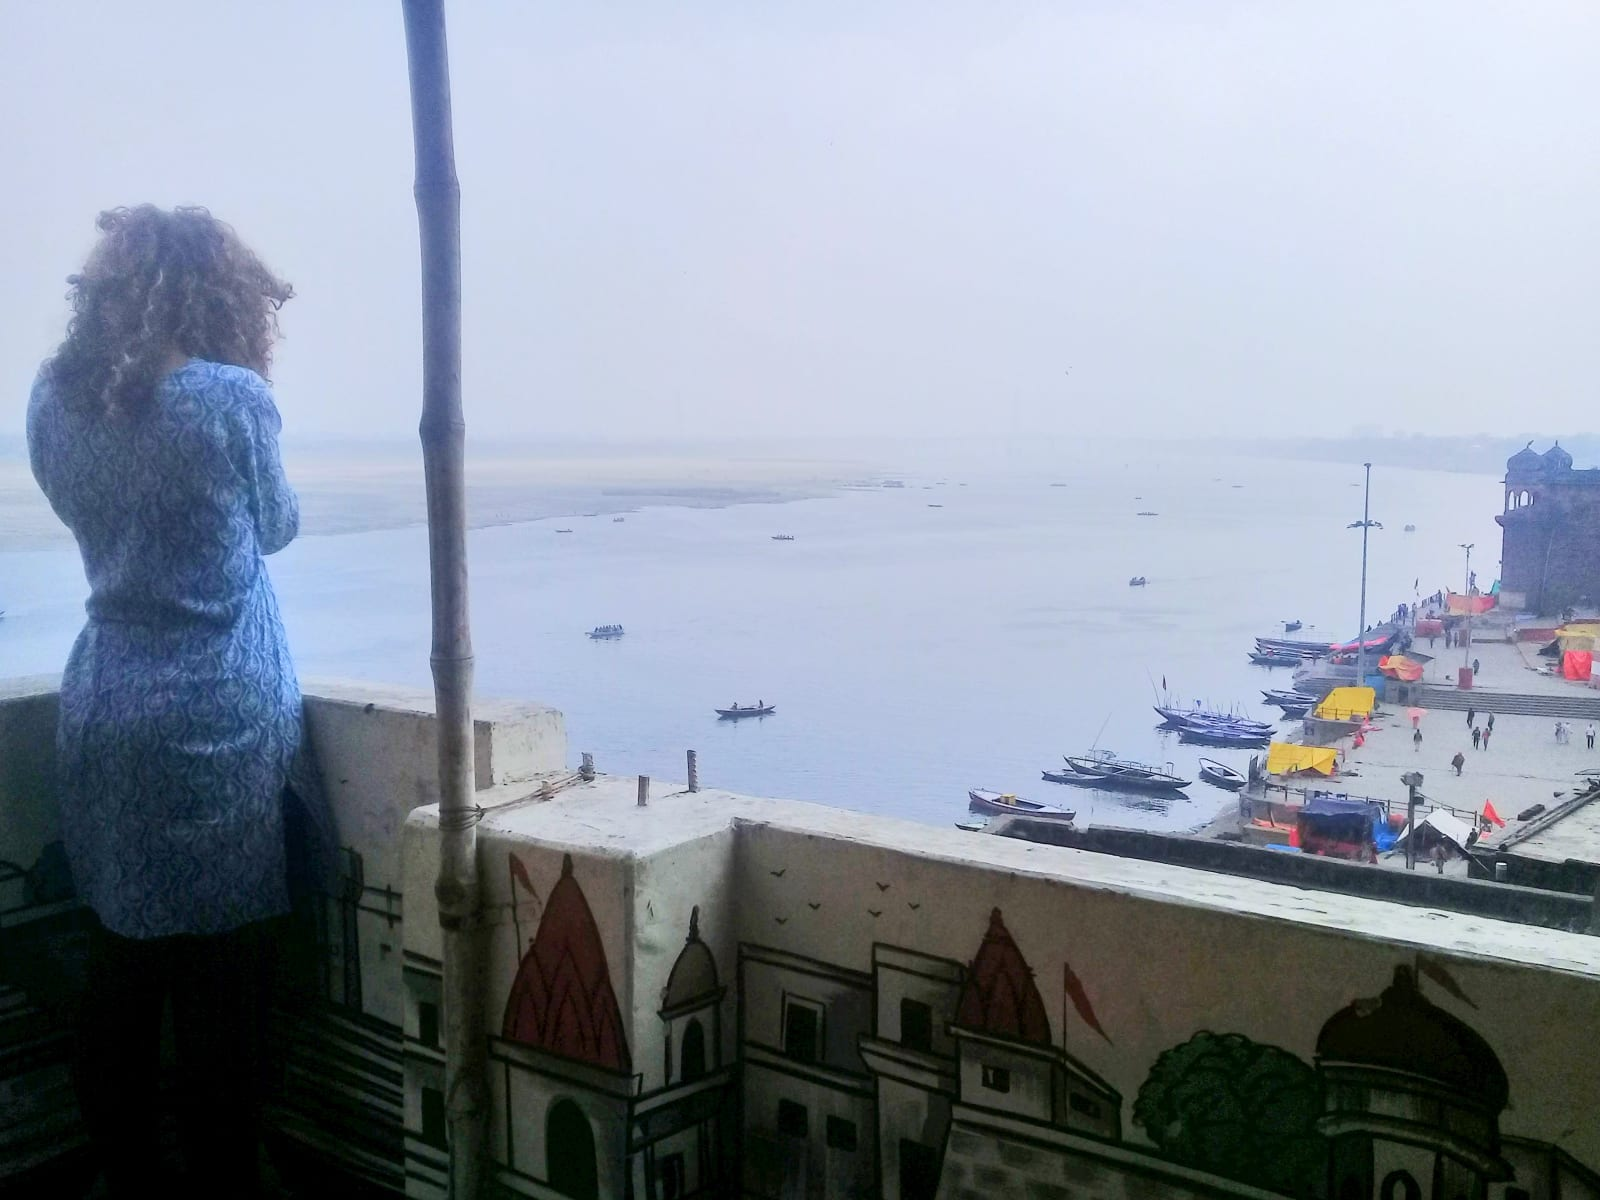 Některé budovy blízko řeky poskytují krásné výhledy, Varanásí